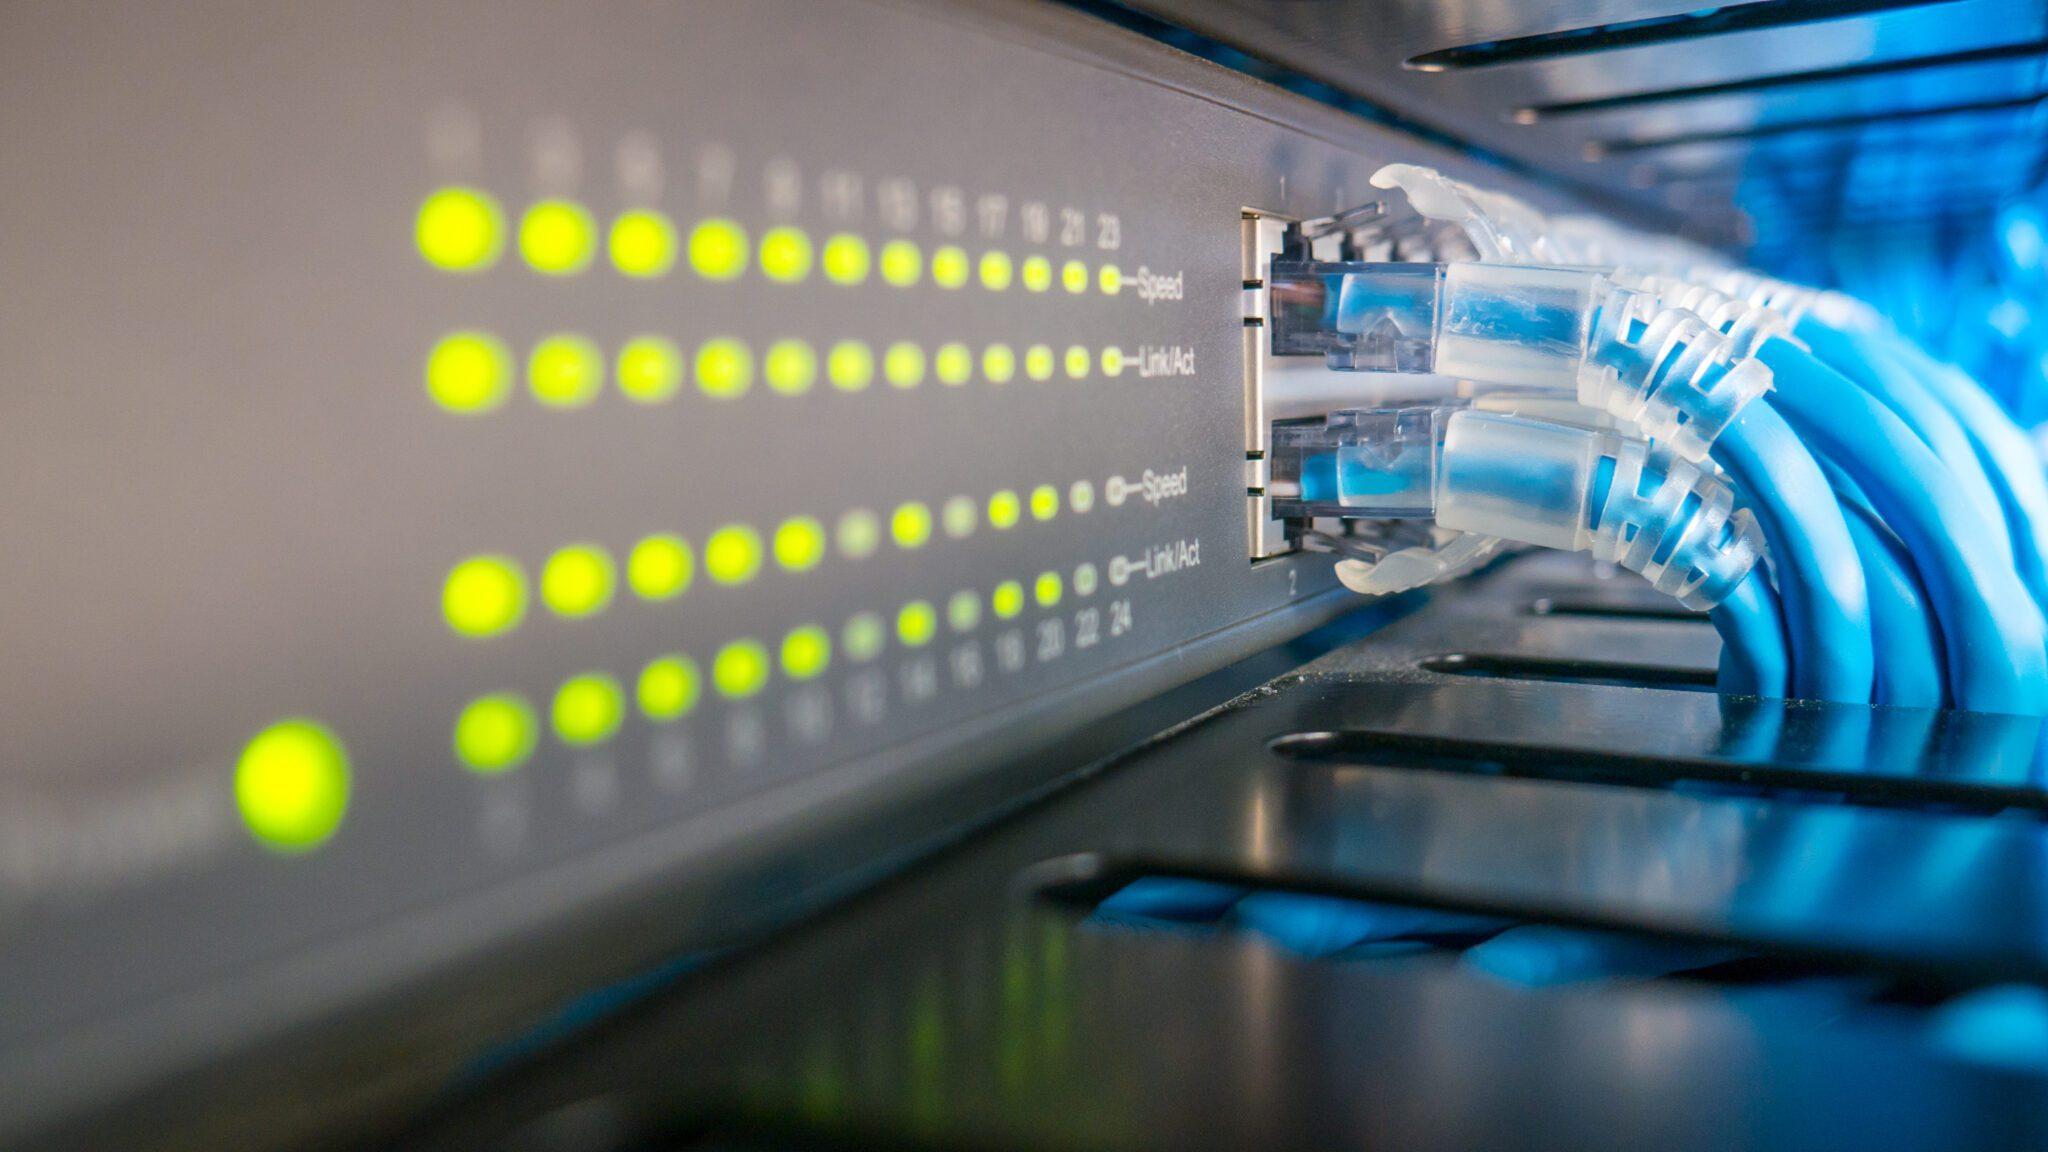 Το Kentik Inc. και η Washington Post έμαθαν ότι το Πεντάγωνο έδωσε στην Florida startup Global Resource Systems έλεγχο περίπου 175 εκατομμυρίων διευθύνσεων IPv4.